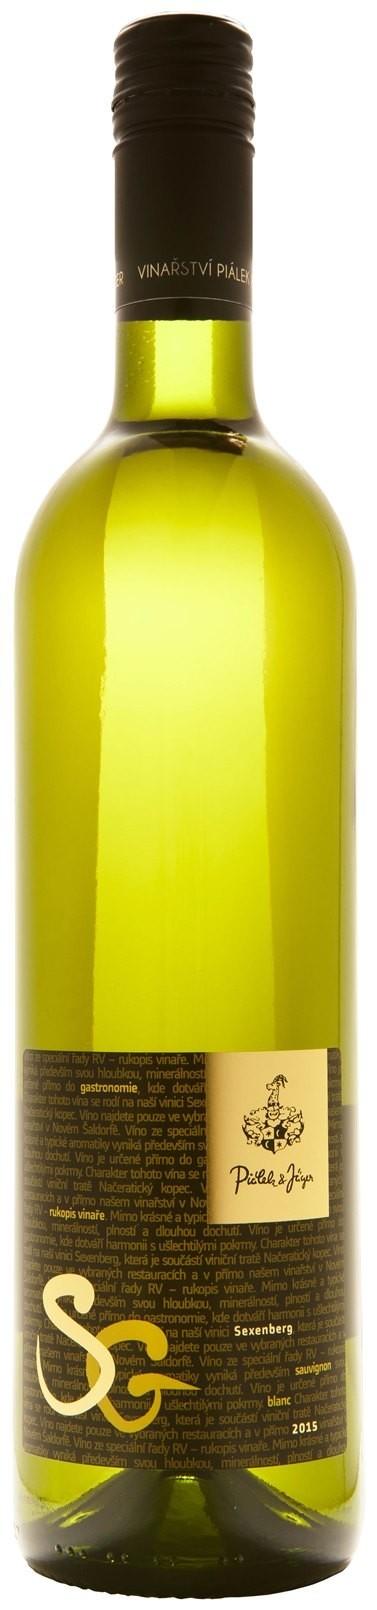 Sauvignon blanc Sexenberg 2018, suché, pozdní sběr, Vinařství Piálek & Jäger